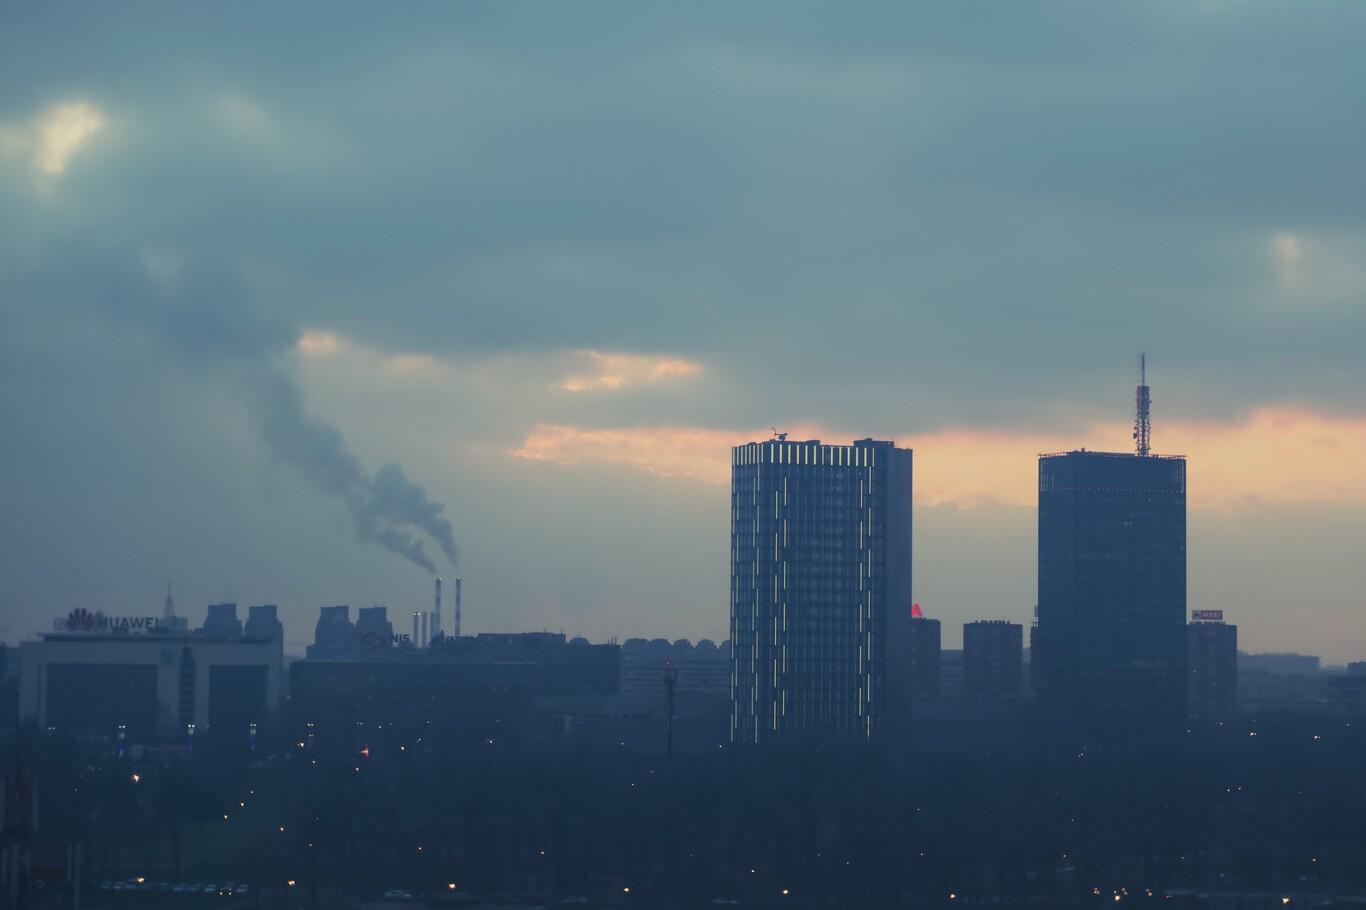 Crecimiento económico ya no significa más emisiones de CO2: la tendencia al desacoplamiento